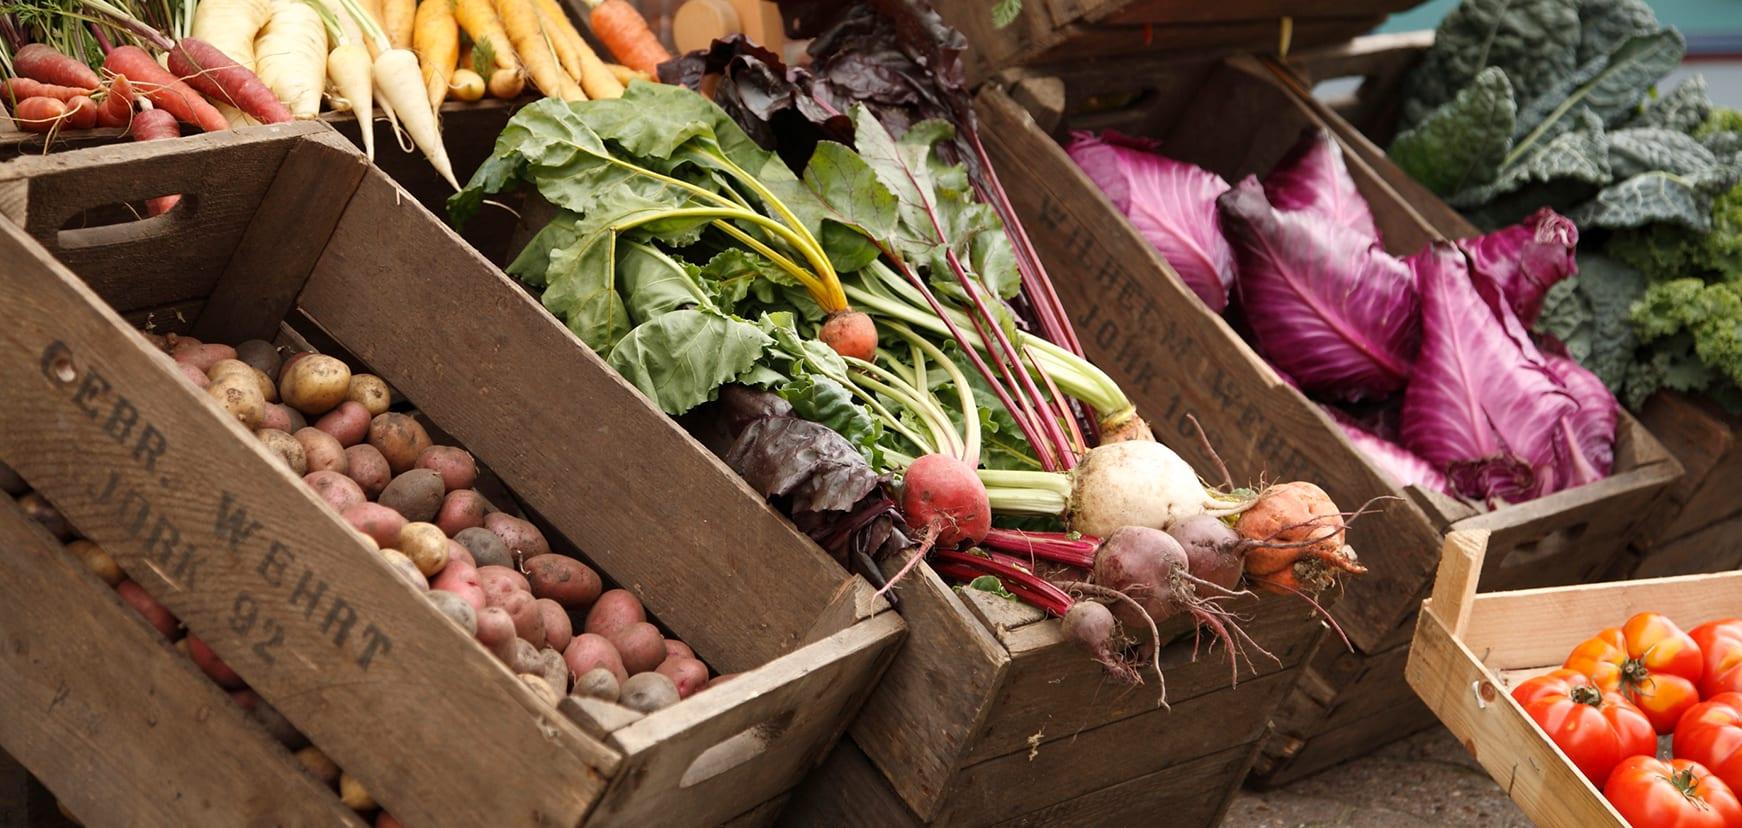 Alte Gemüsesorten aus dem Alten Land